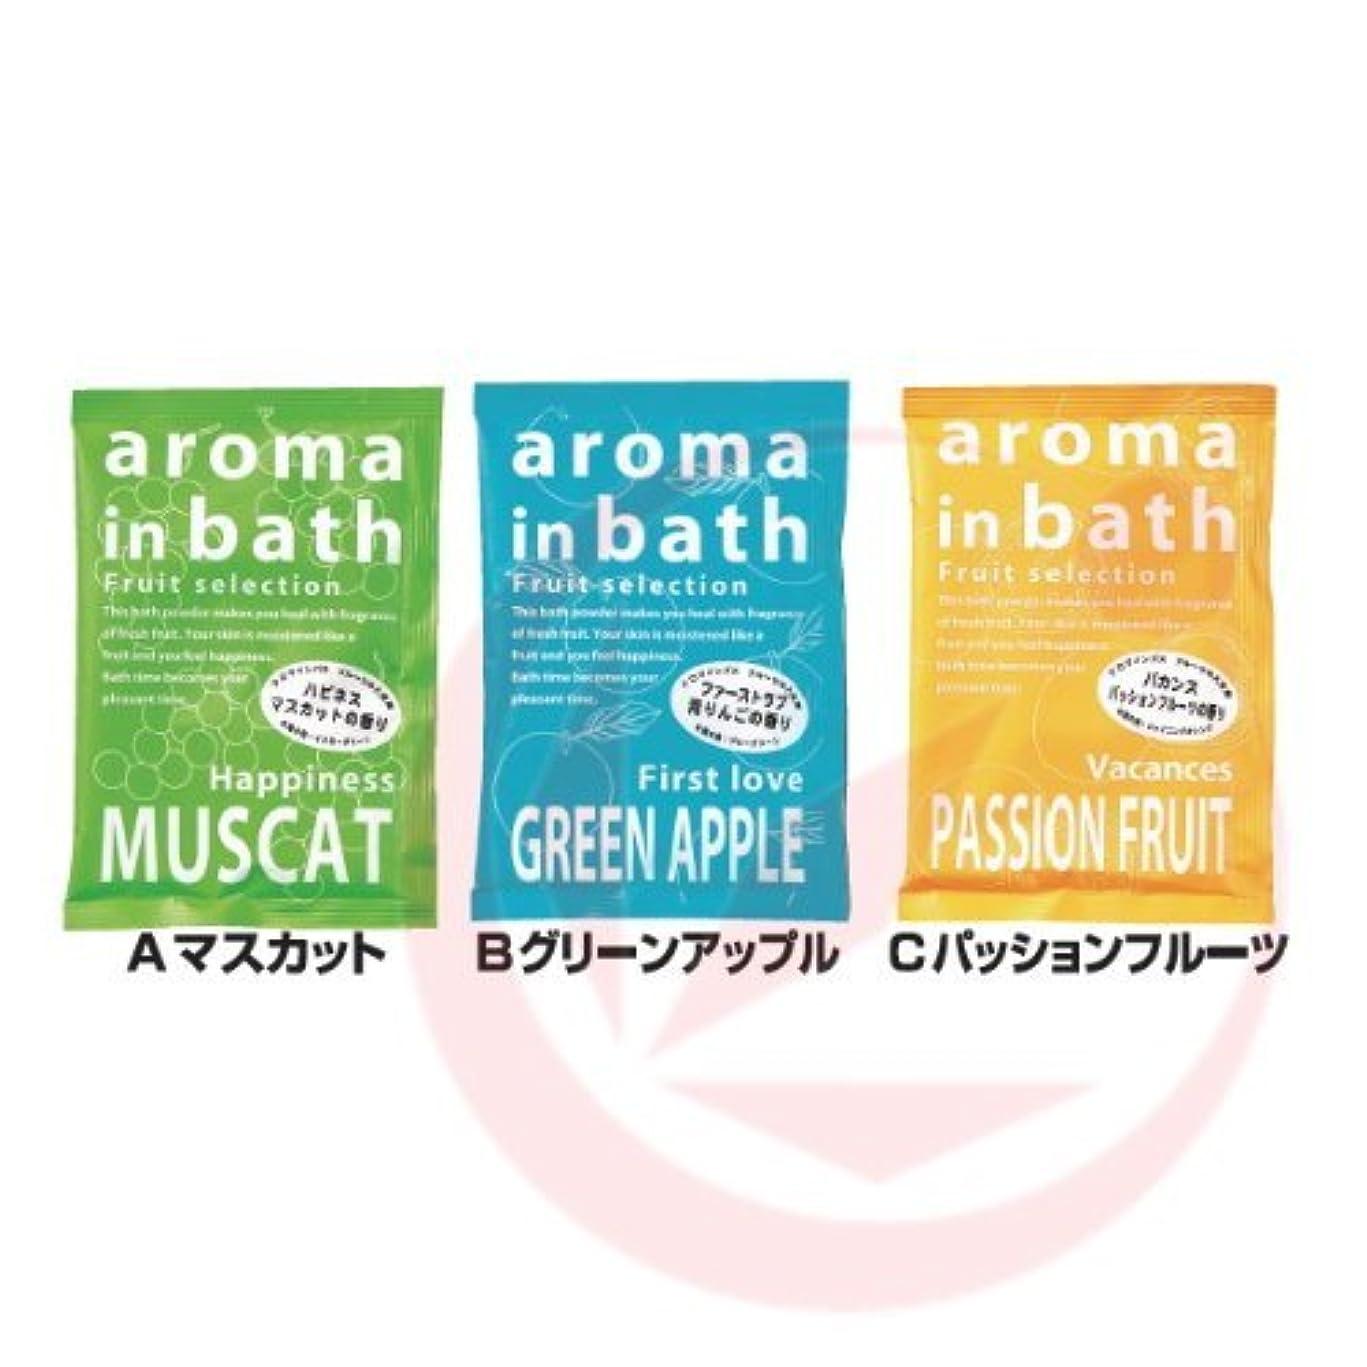 安西正当なマーチャンダイジング粉体入浴剤アロマインバス25g 48袋入り(3種類 各16袋)